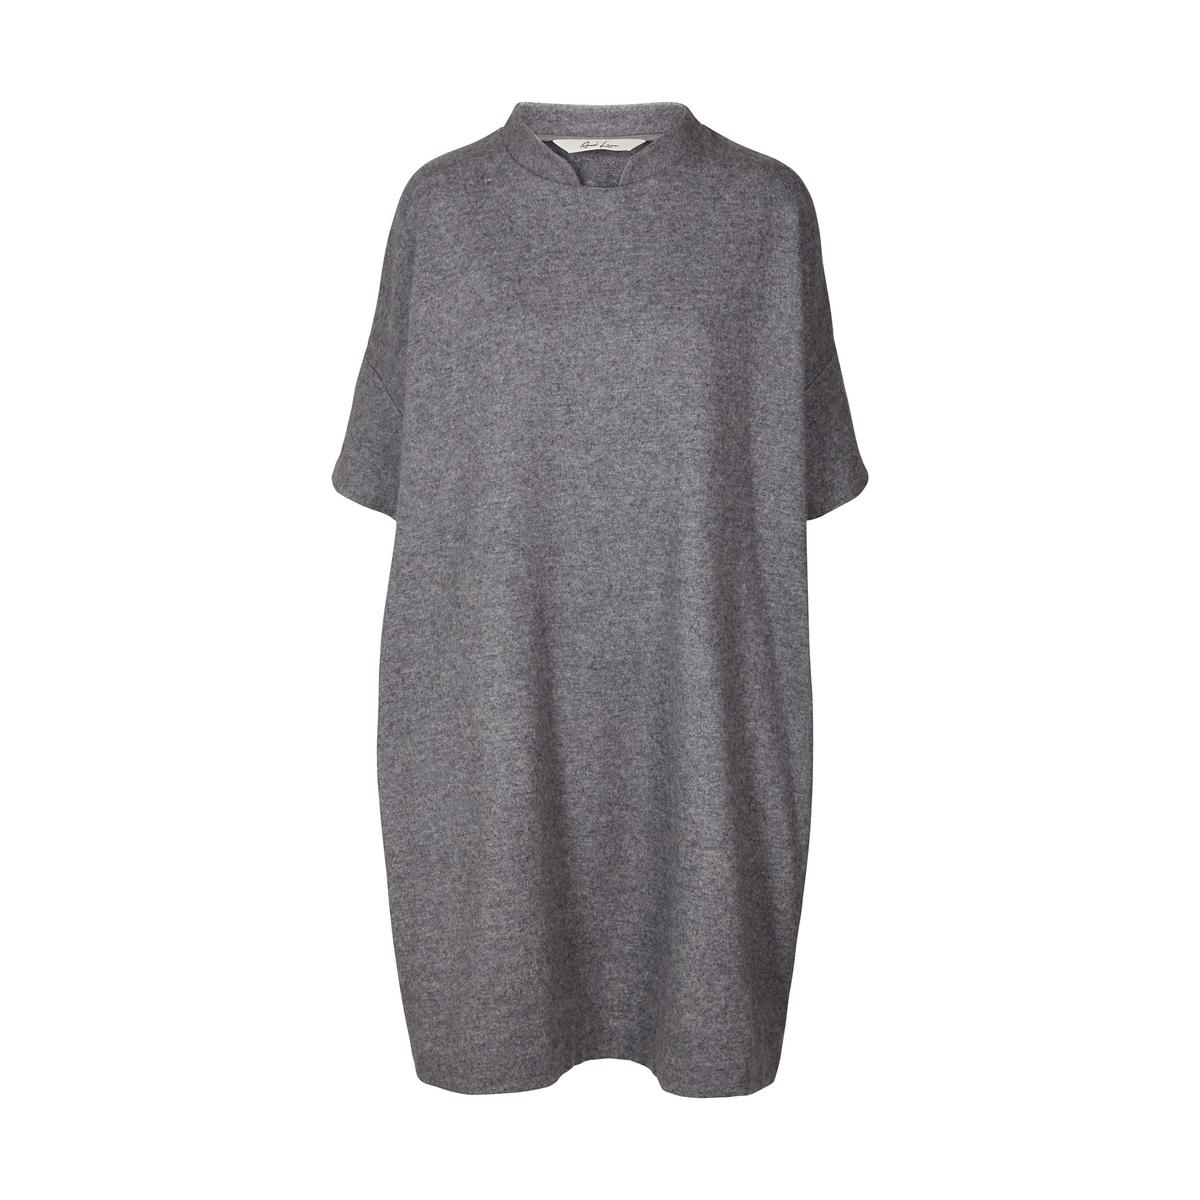 Платье свободного покроя из шерсти с короткими рукавами и стоячим воротникомОписание:Детали •  Форма : расклешенная •  Укороченная модель •  Короткие рукава    •  Воротник-стойкаСостав и уход •  70% шерсти, 30% полиэстера •  Следуйте рекомендациям по уходу, указанным на этикетке изделия<br><br>Цвет: серый меланж<br>Размер: 40 (FR) - 46 (RUS).34 (FR) - 40 (RUS).38 (FR) - 44 (RUS).36 (FR) - 42 (RUS)